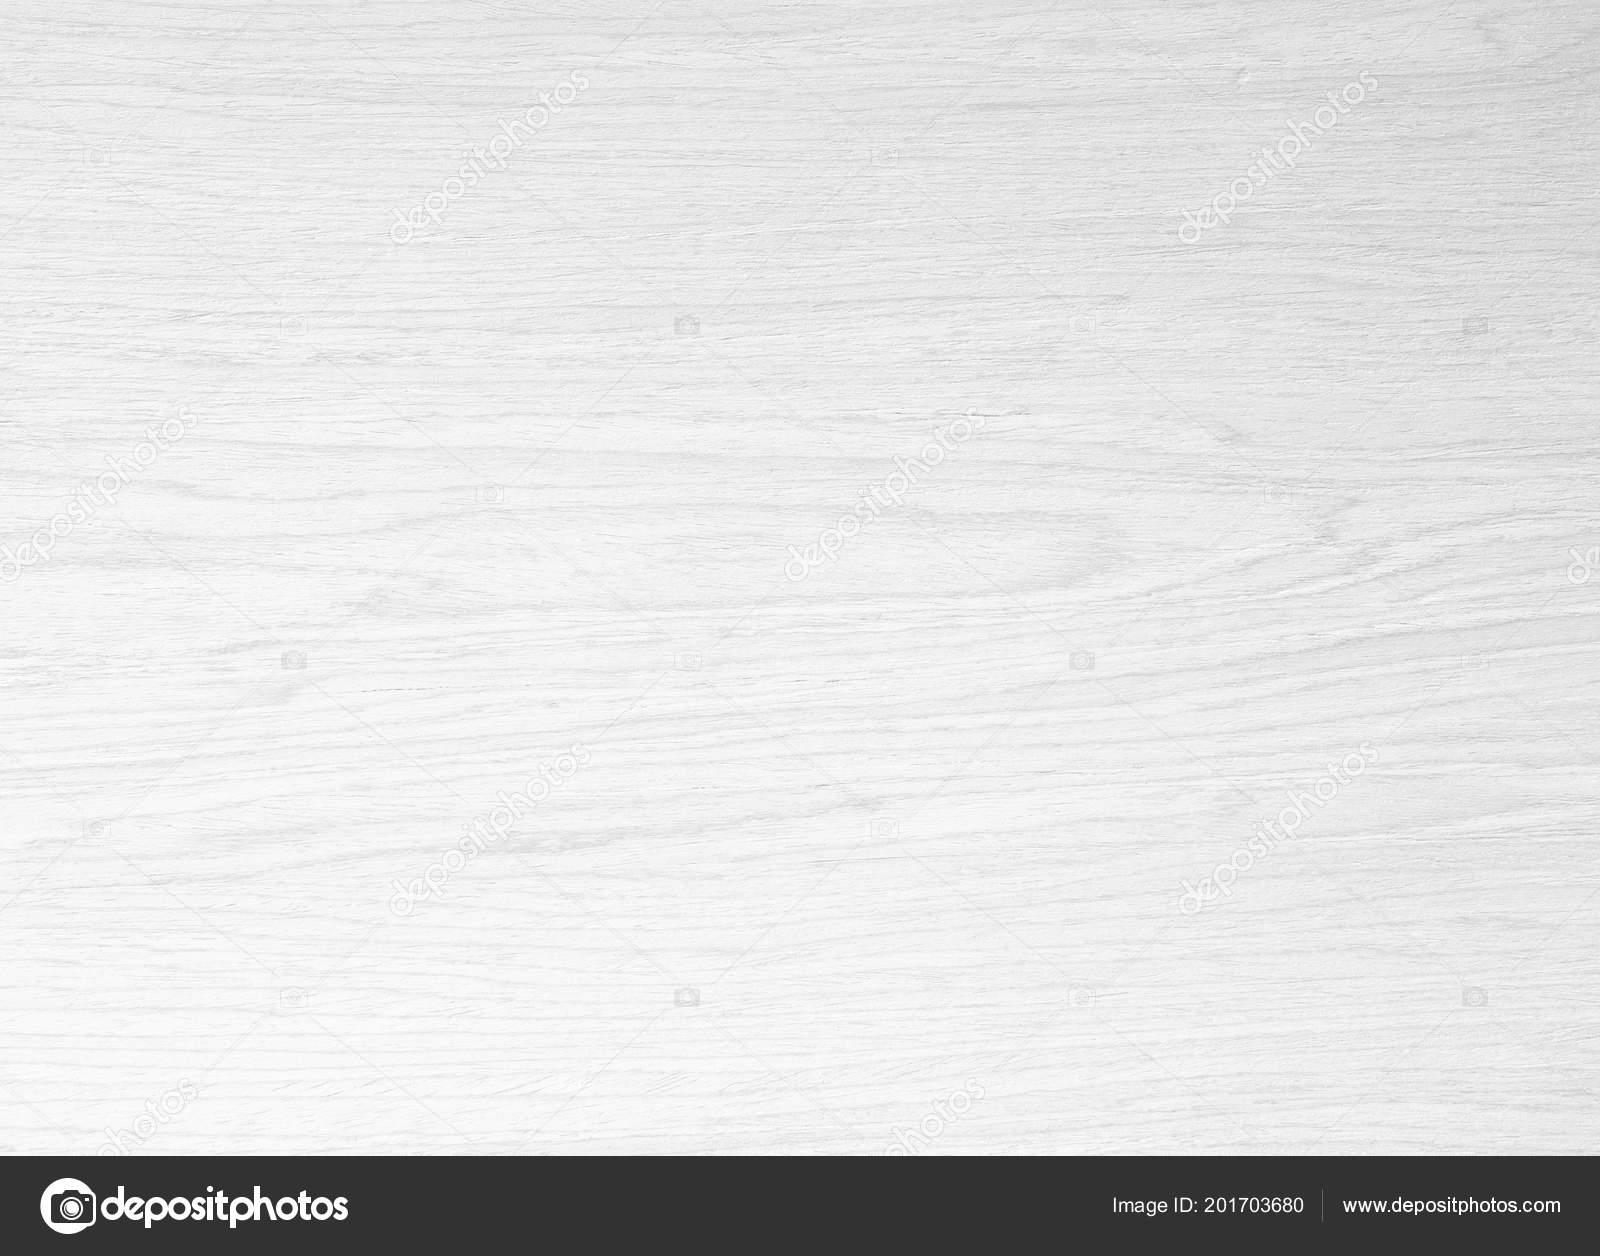 Legno Bianco Texture : Texture legno bianco foto di stock  istock